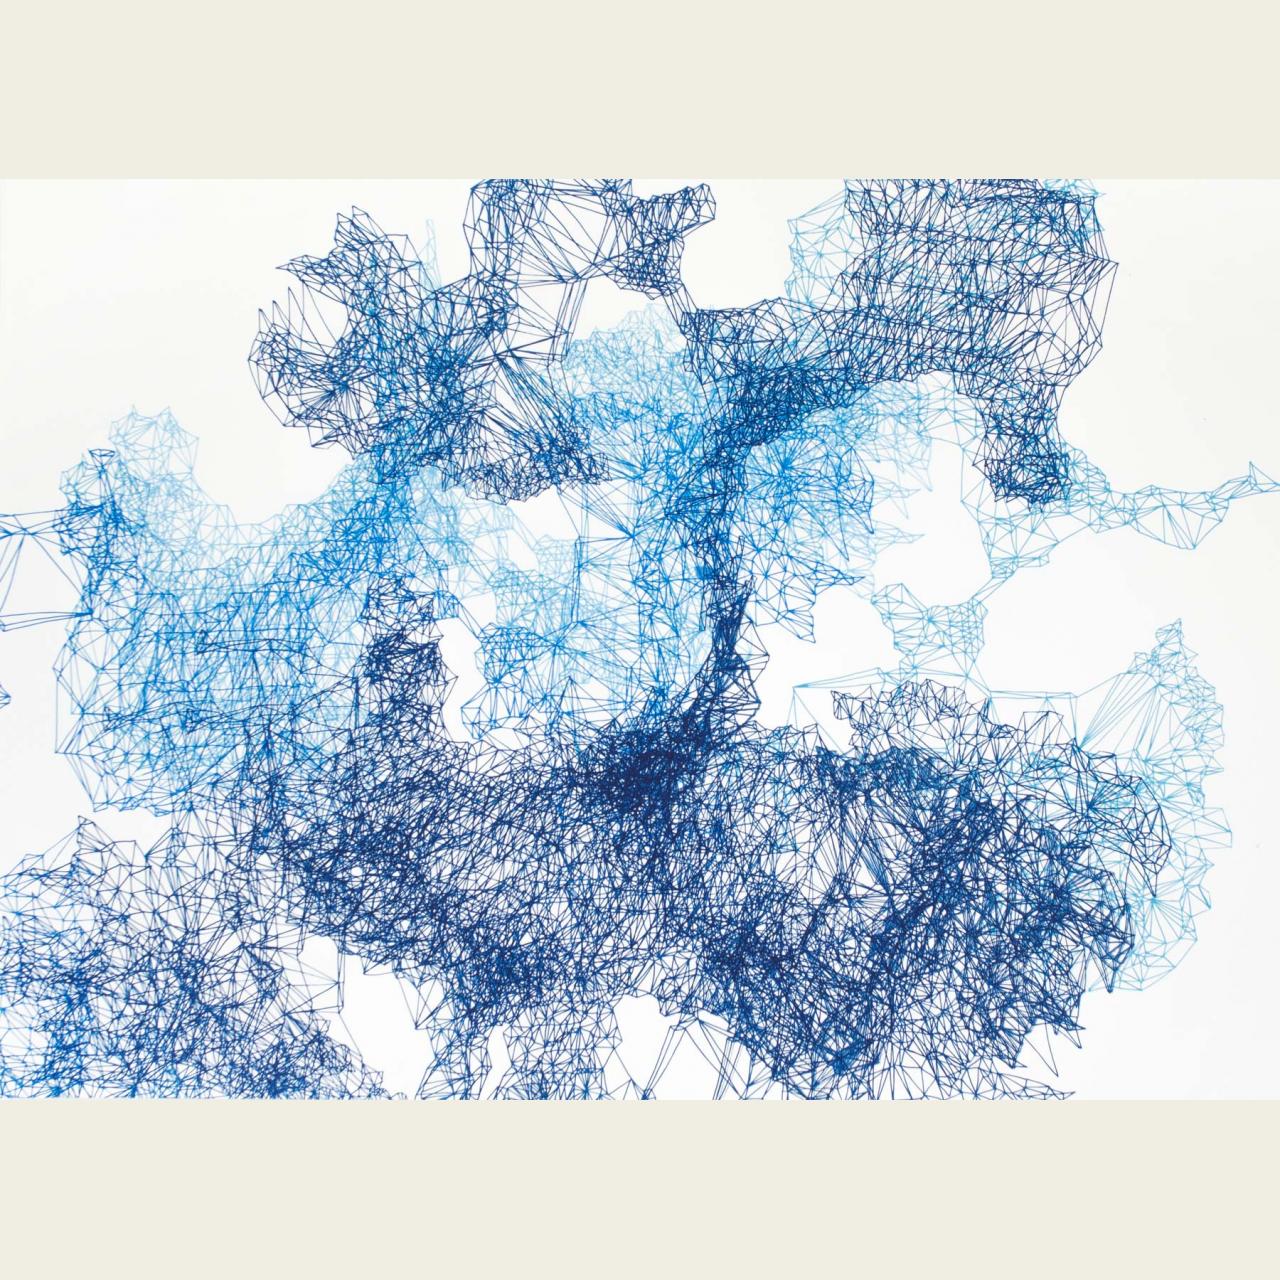 Composition Blue no 3